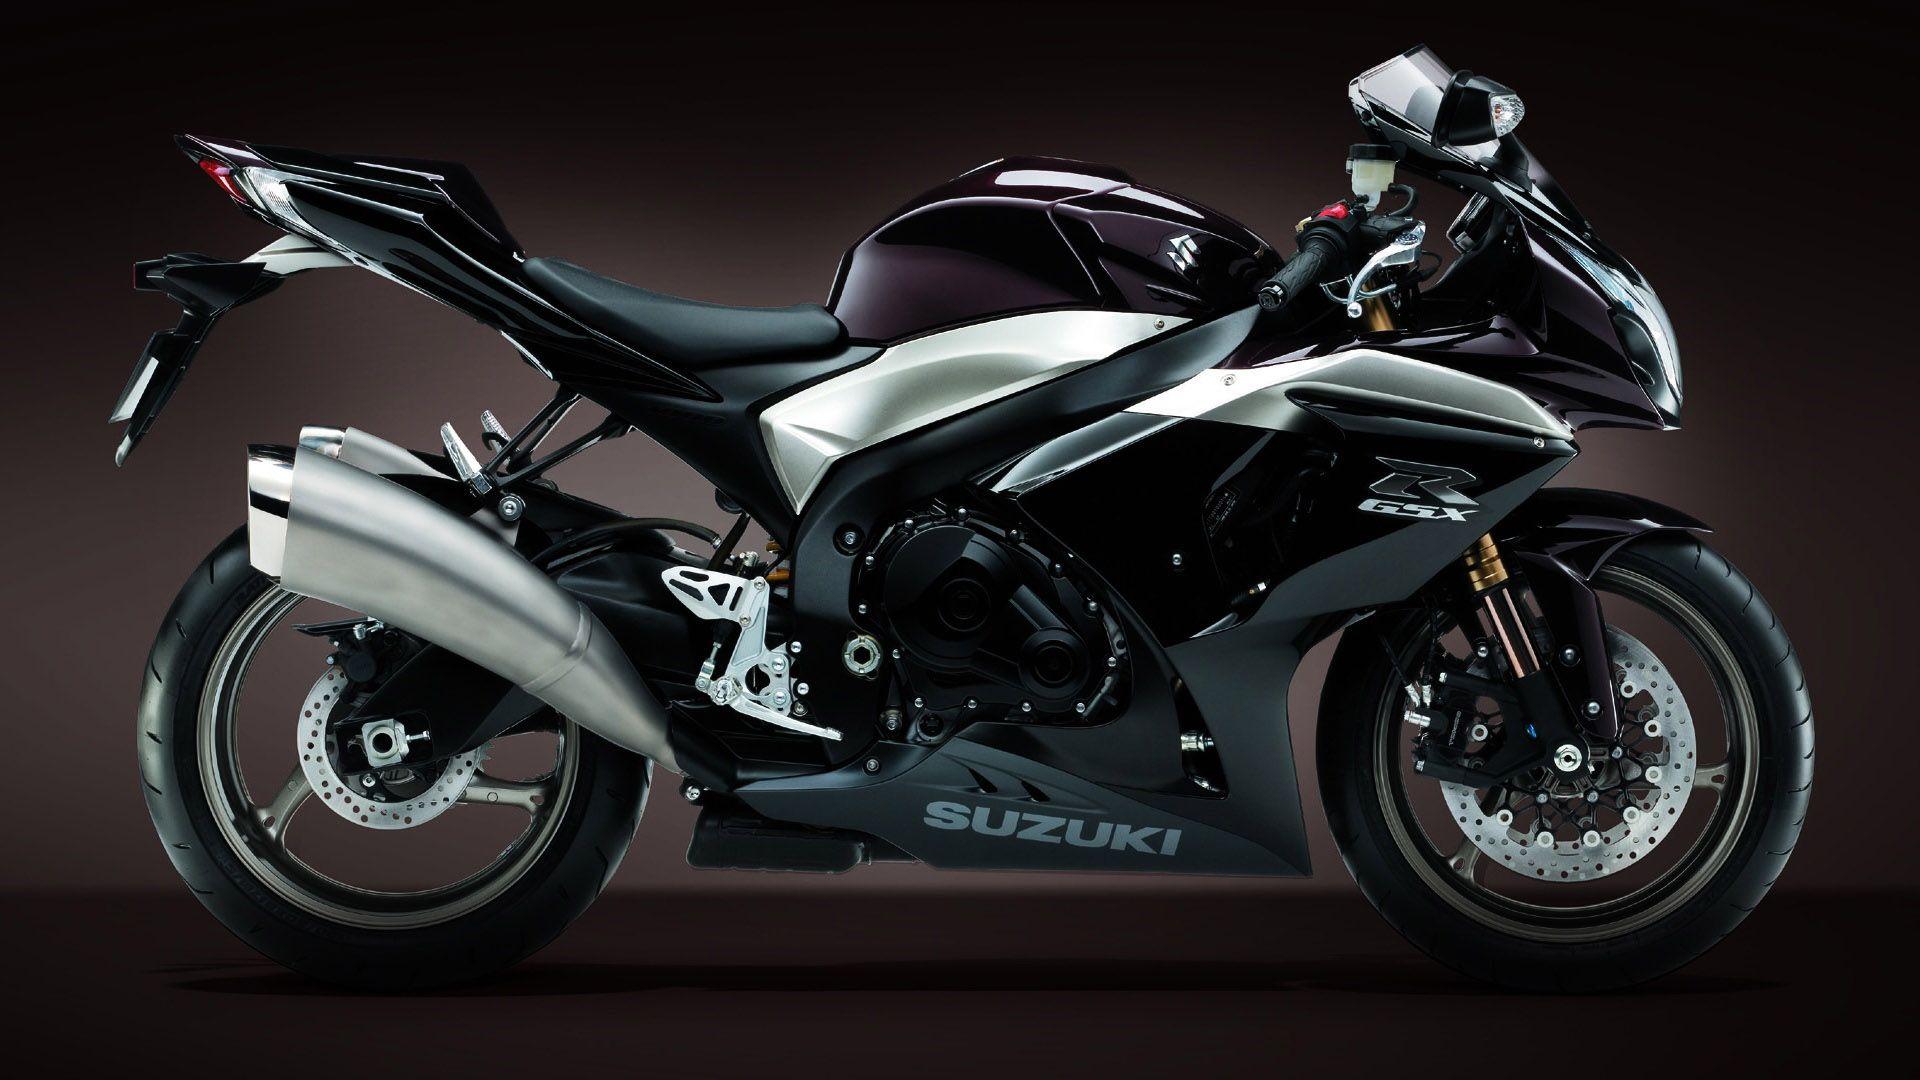 Hd Desktop Wallpaper Ventube Com Hd Suzuki Dark Bike Desktop Wallpapers Ventube Com Suzuki Bikes Suzuki Gsxr1000 Suzuki Gsxr